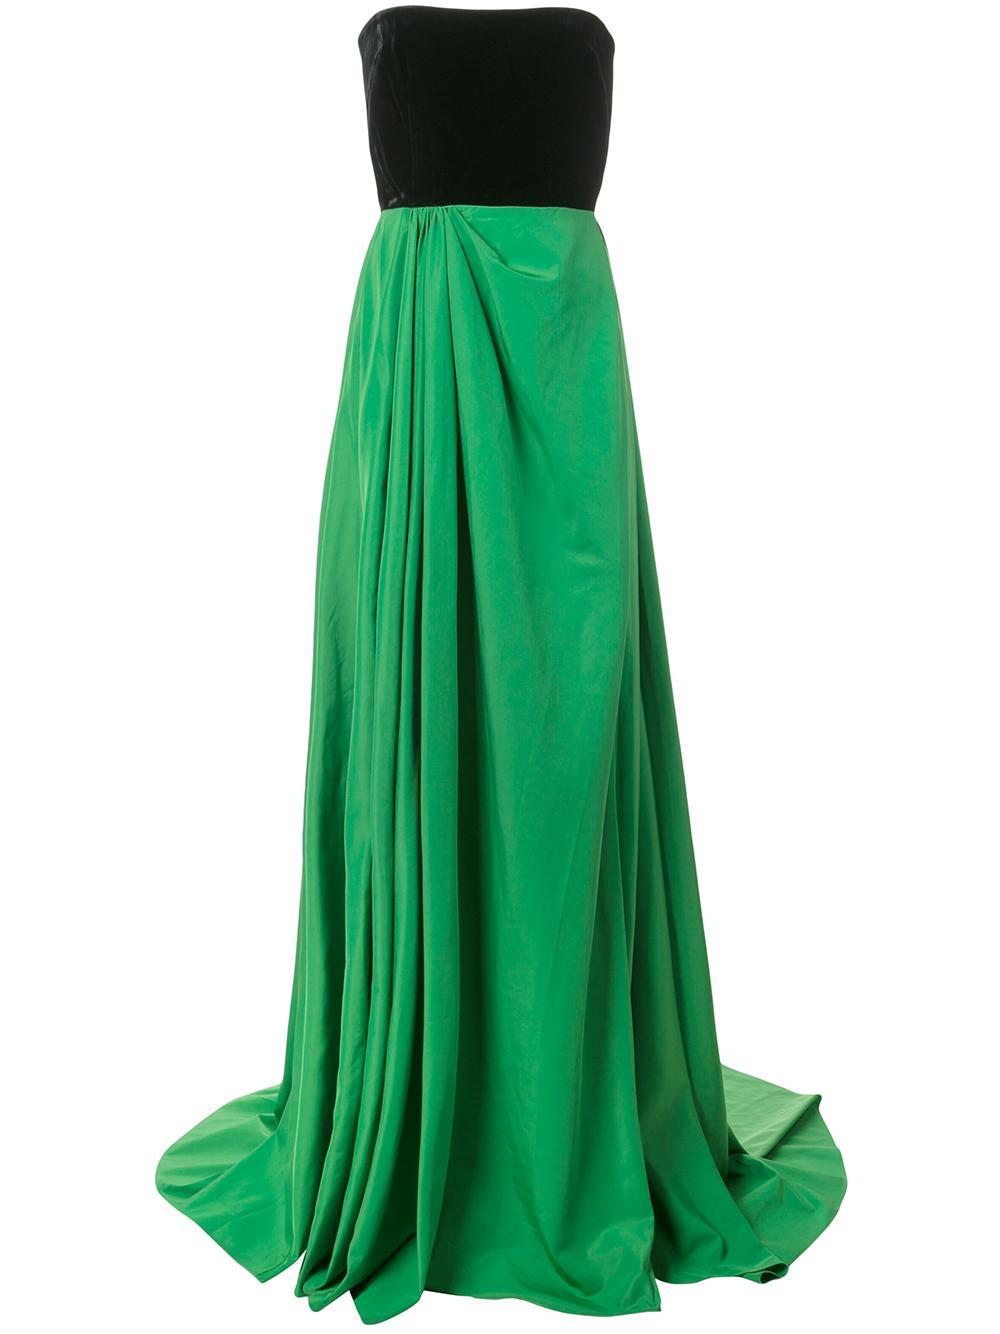 Dalton Velvet And Taffeta Strapless Gown Item # D515